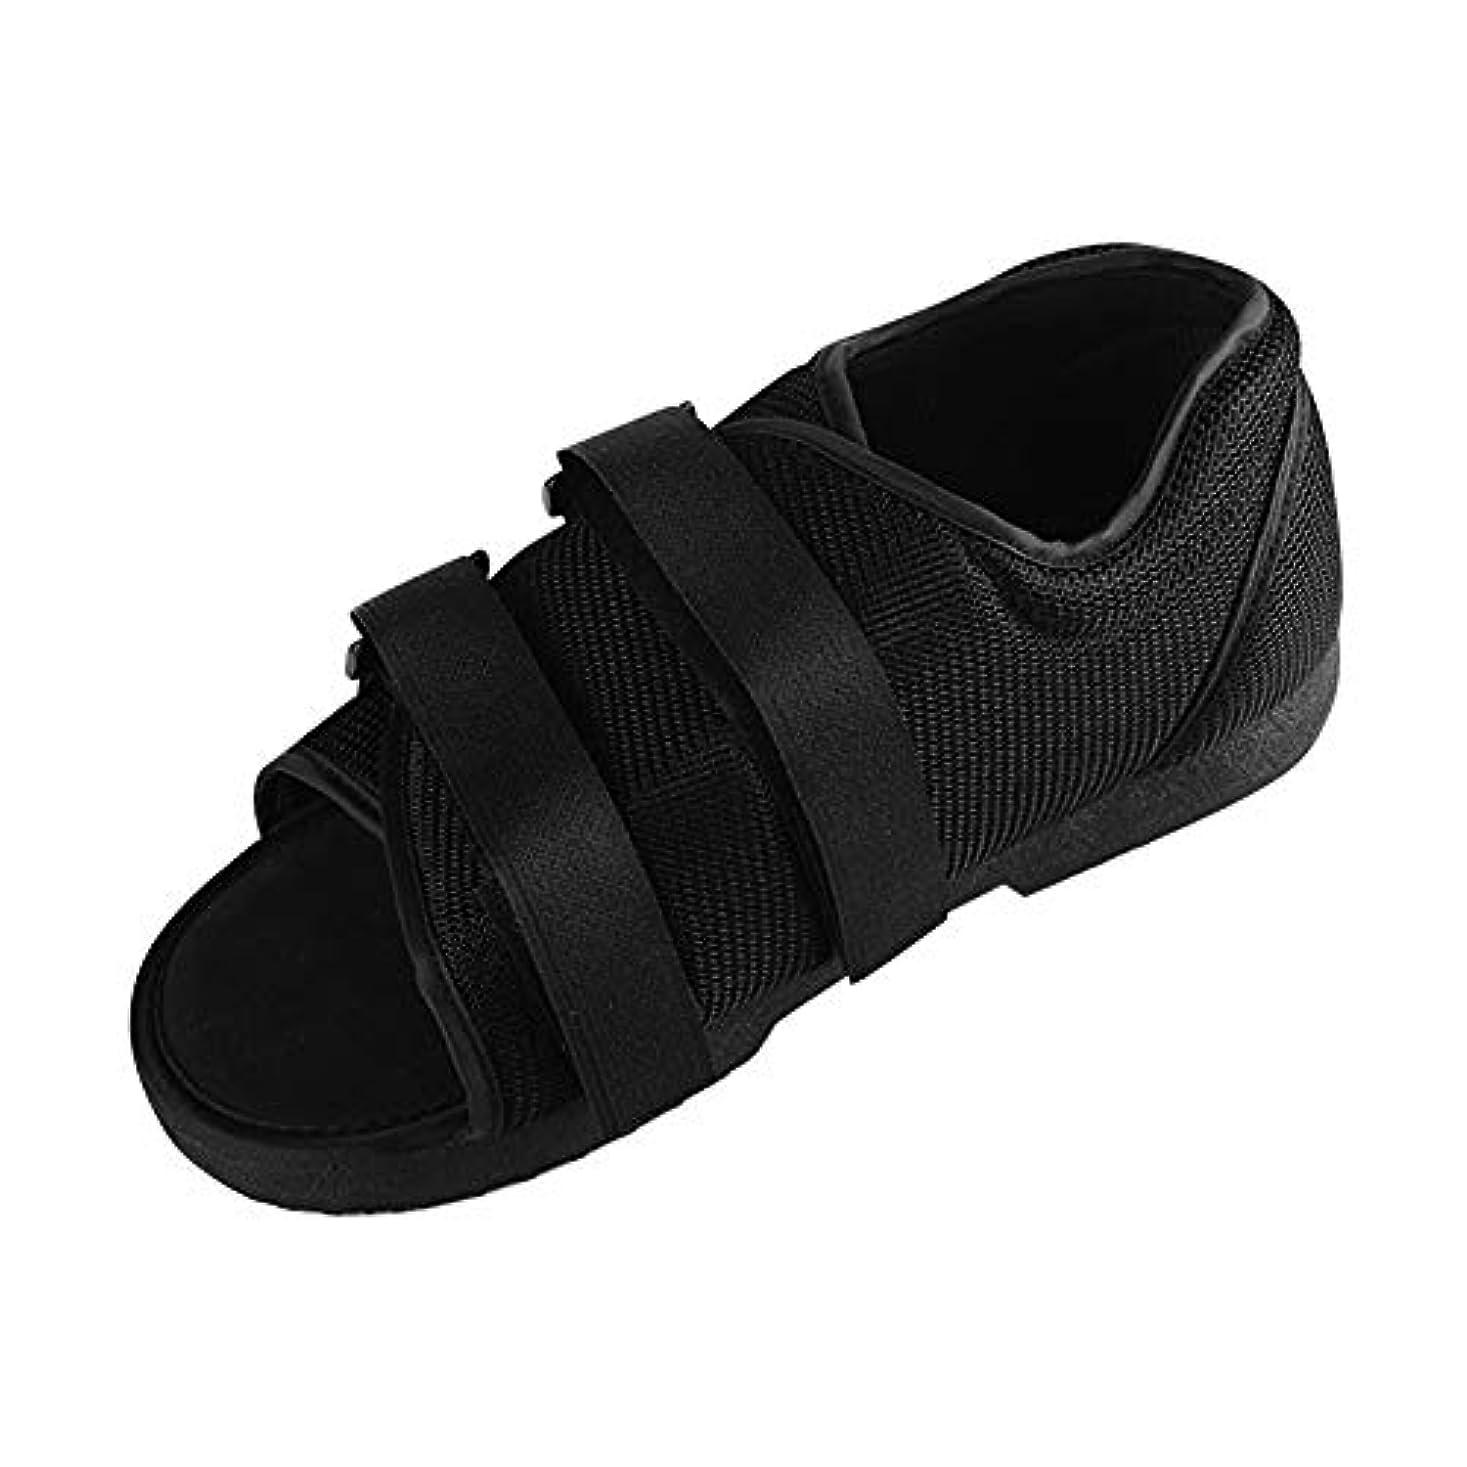 星新着反対するYudesunyds 足 リハビリテーションシューズ - 医療 術後靴 関節捻 用 骨折 足の捻 安定靴